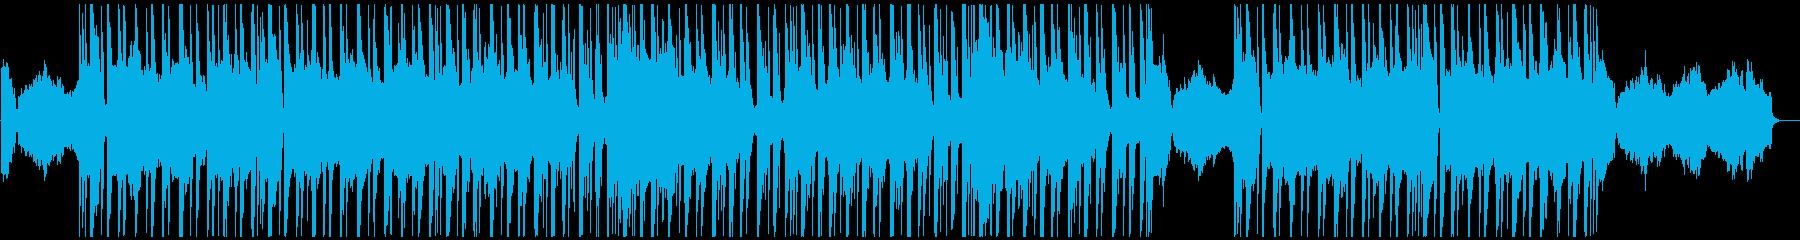 Lo-Fiビートのメロウなまったりチルの再生済みの波形